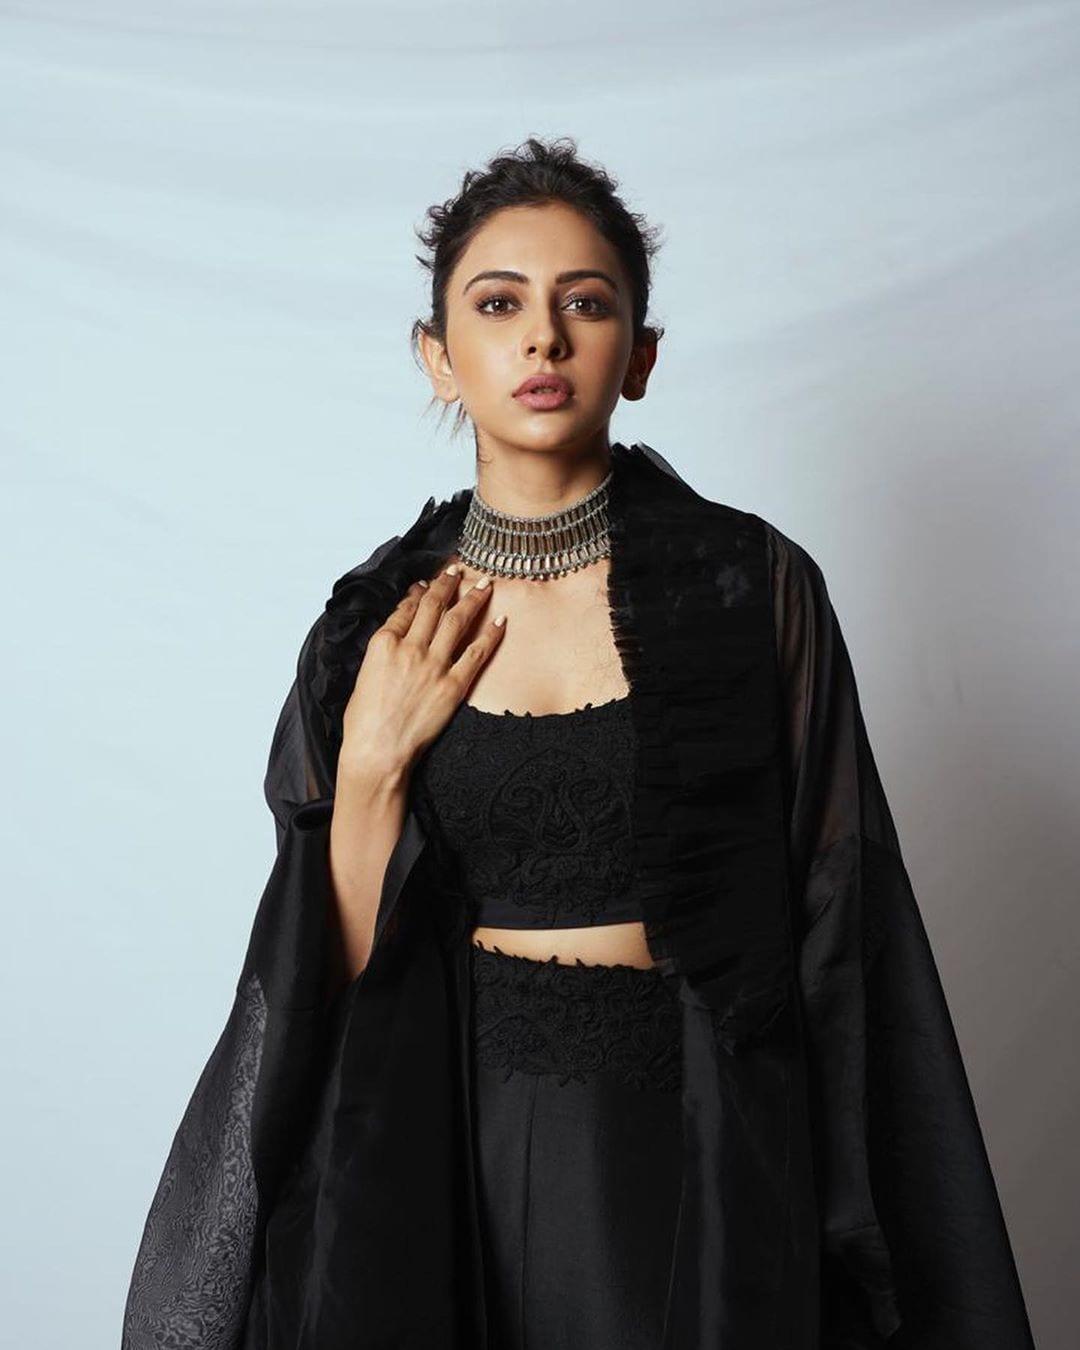 రకుల్ ప్రీత్ సింగ్ ఫోటోస్, Photo: Instagram.com/neeraja.kona